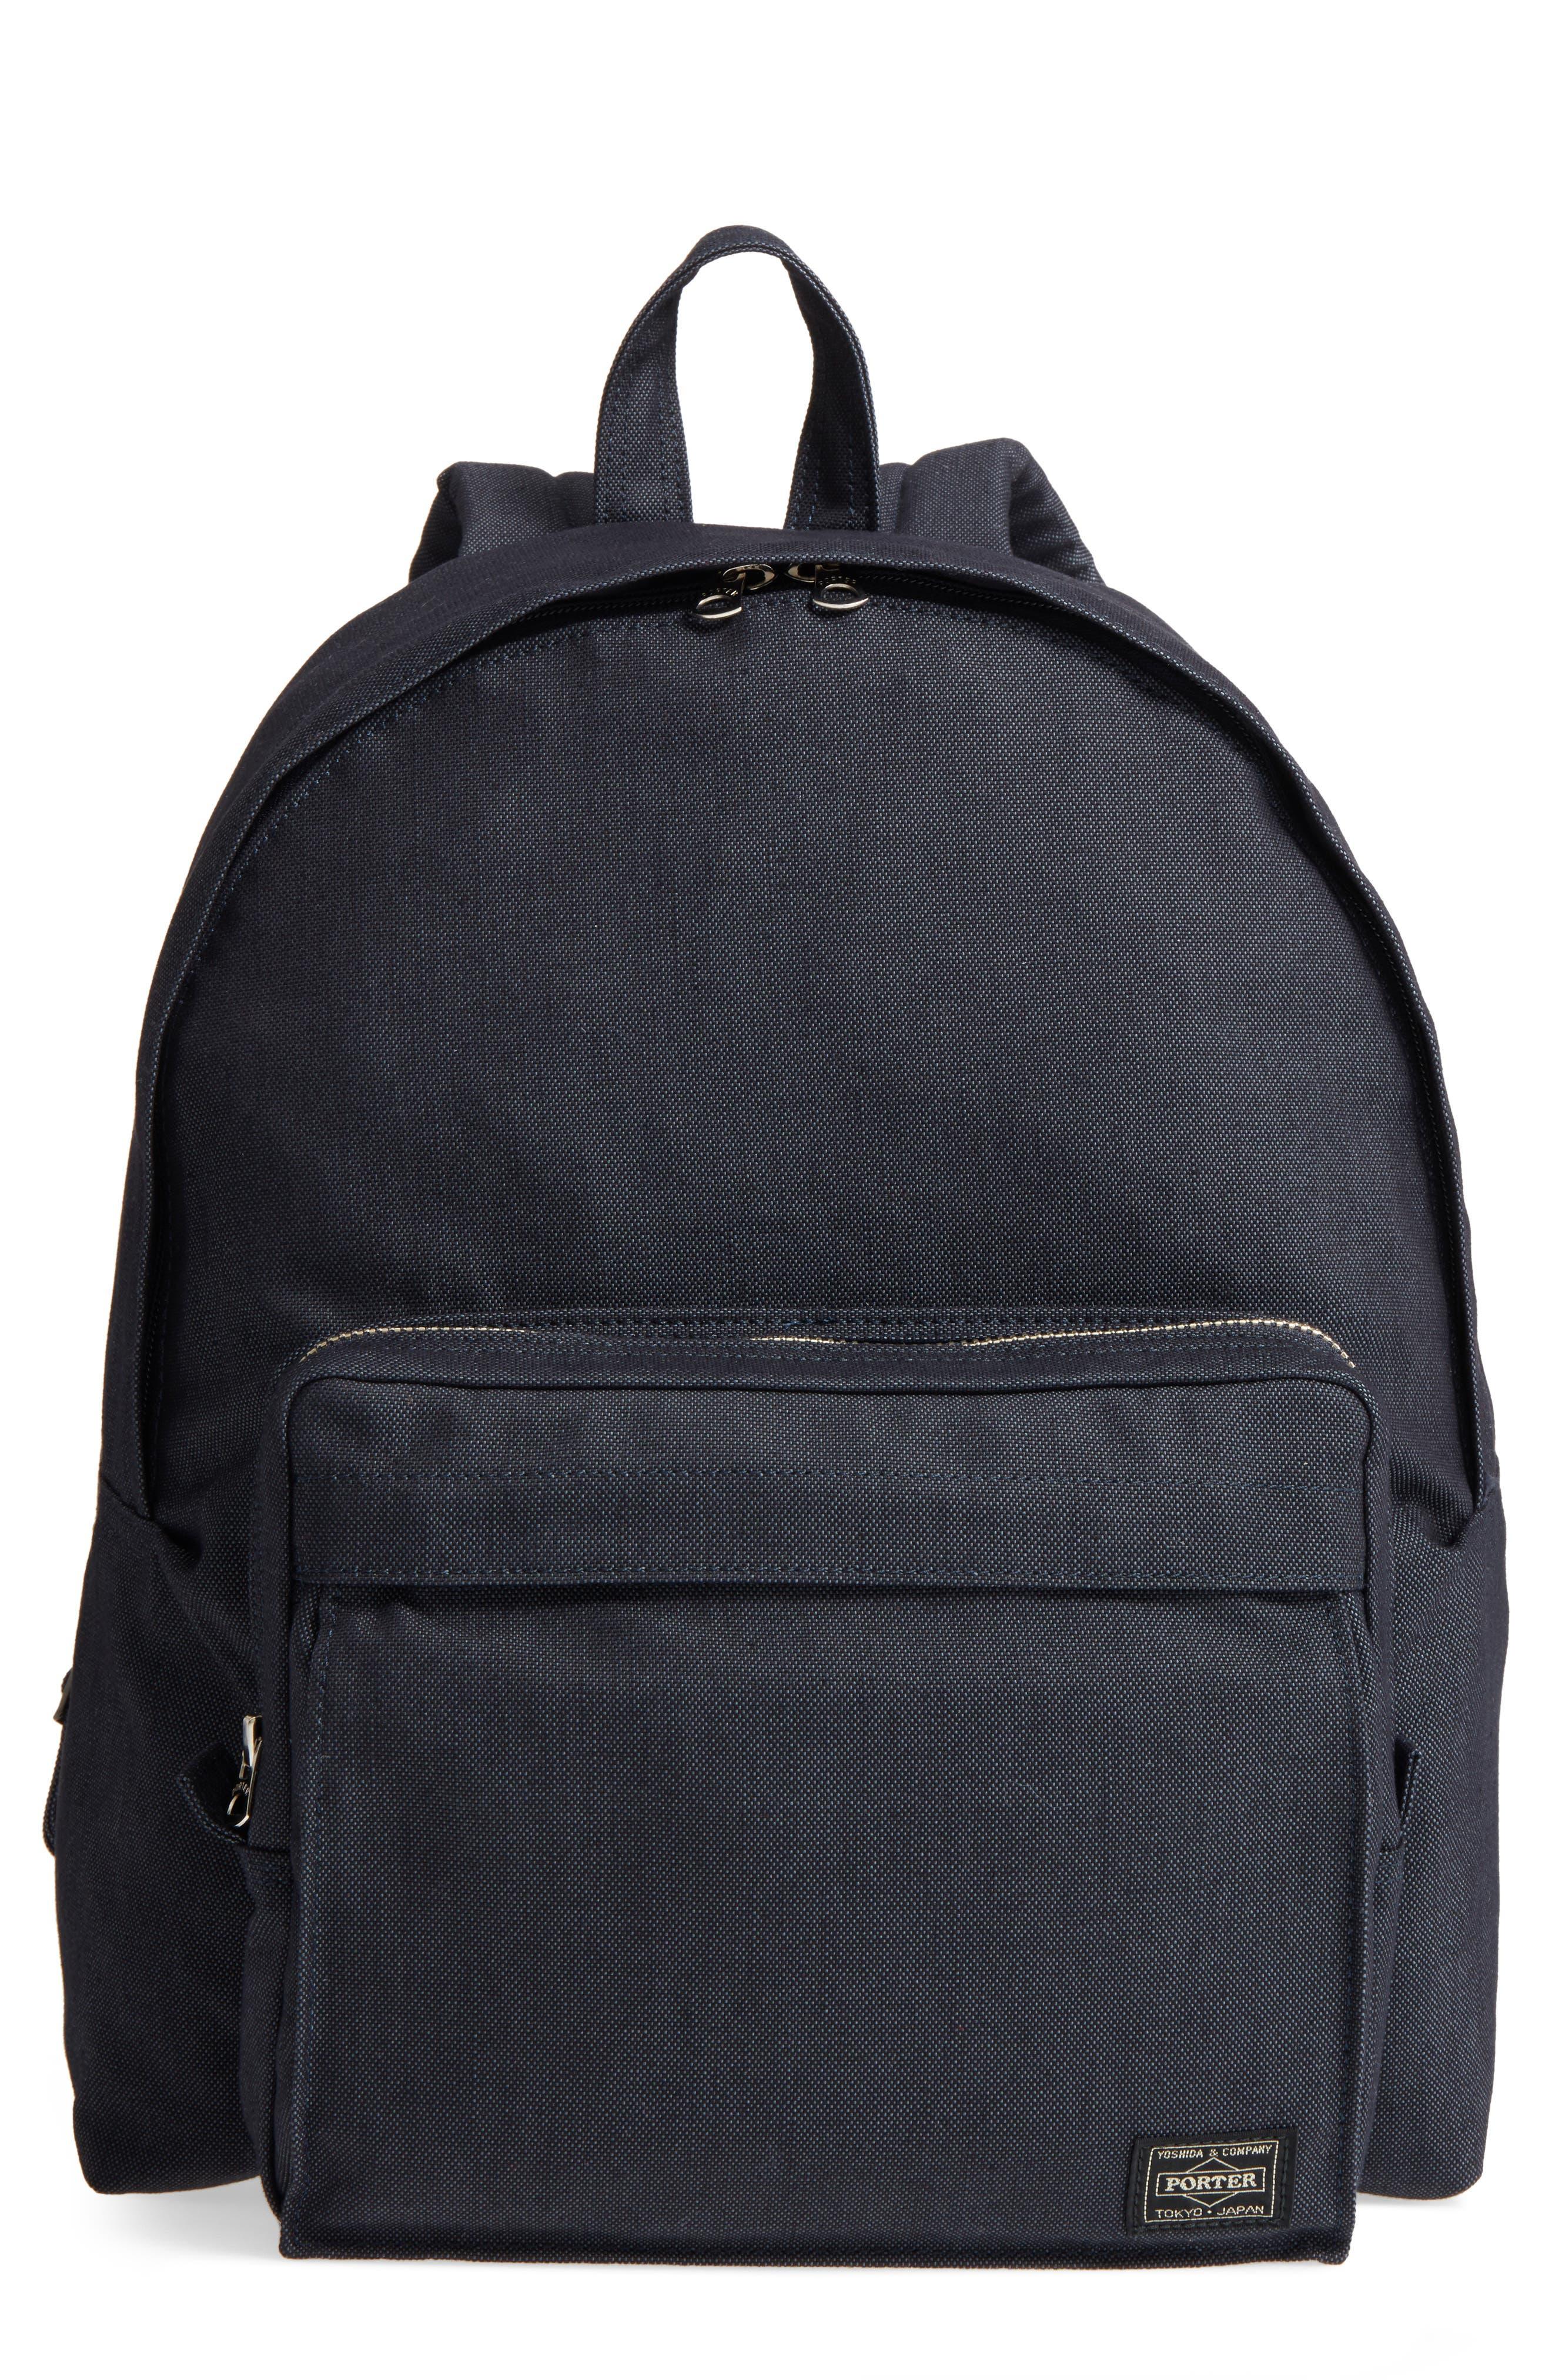 Alternate Image 1 Selected - Porter-Yoshida & Co. Smoky Backpack